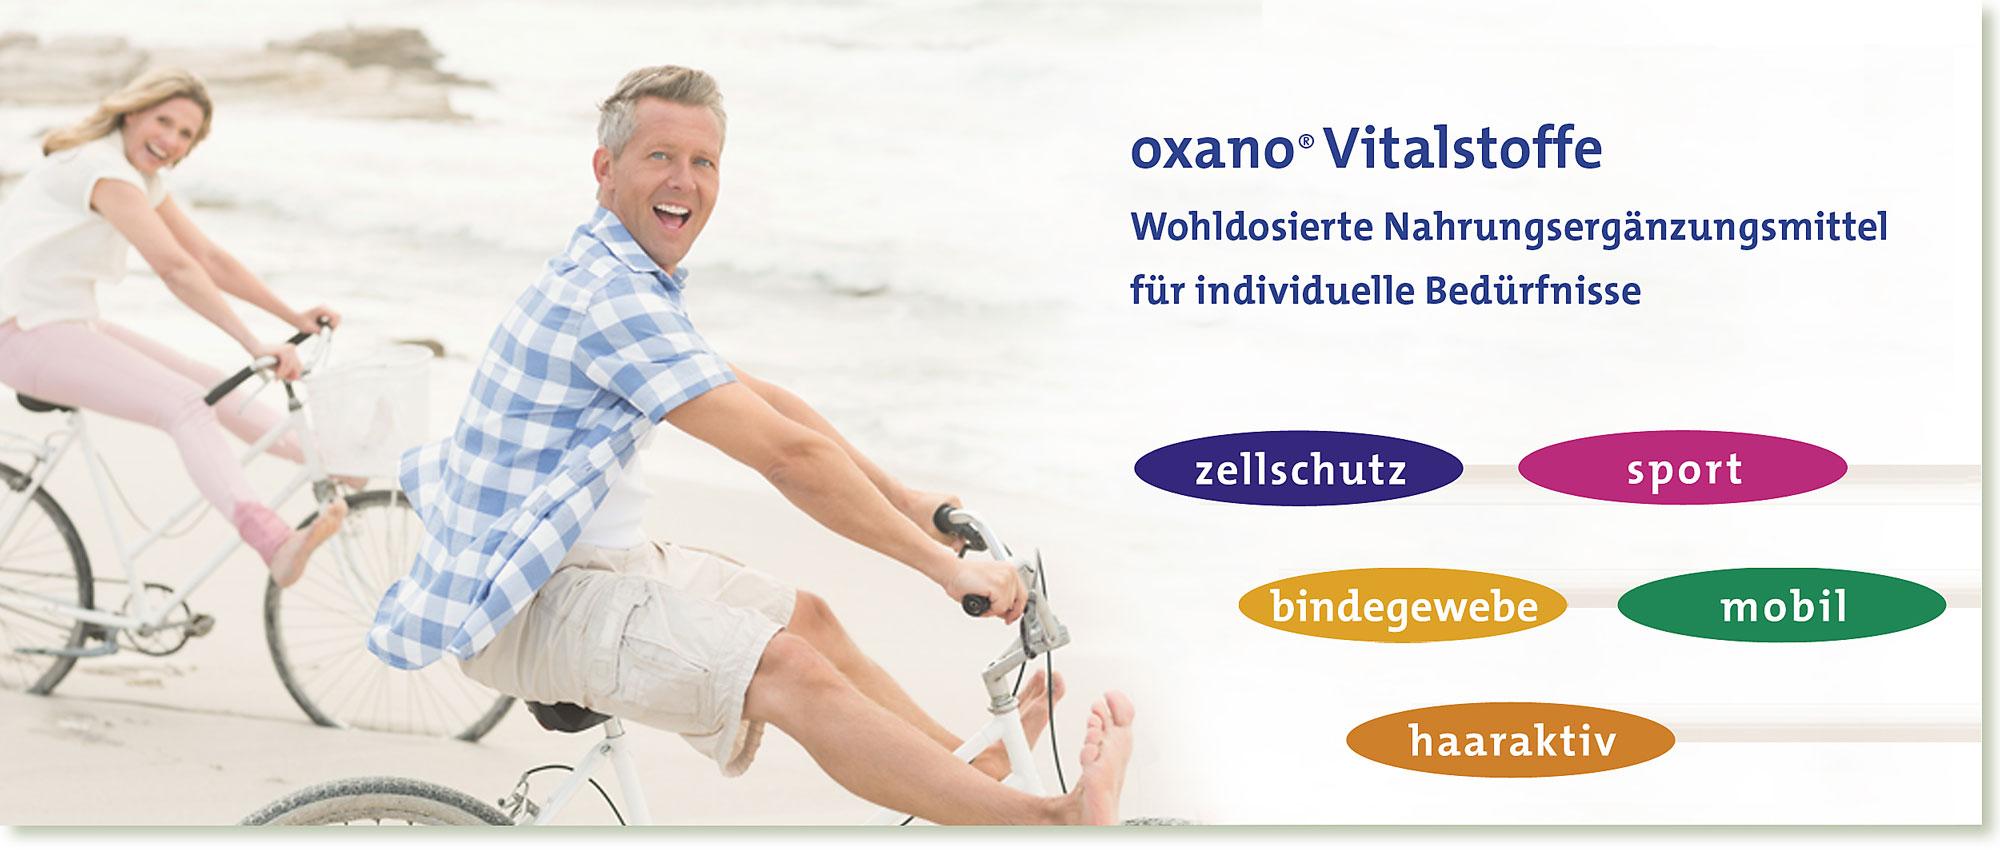 Slider | OXANO Nahrungsergänzungsmittel nach Müller-Wohlfahrt Nahrungsergänzung